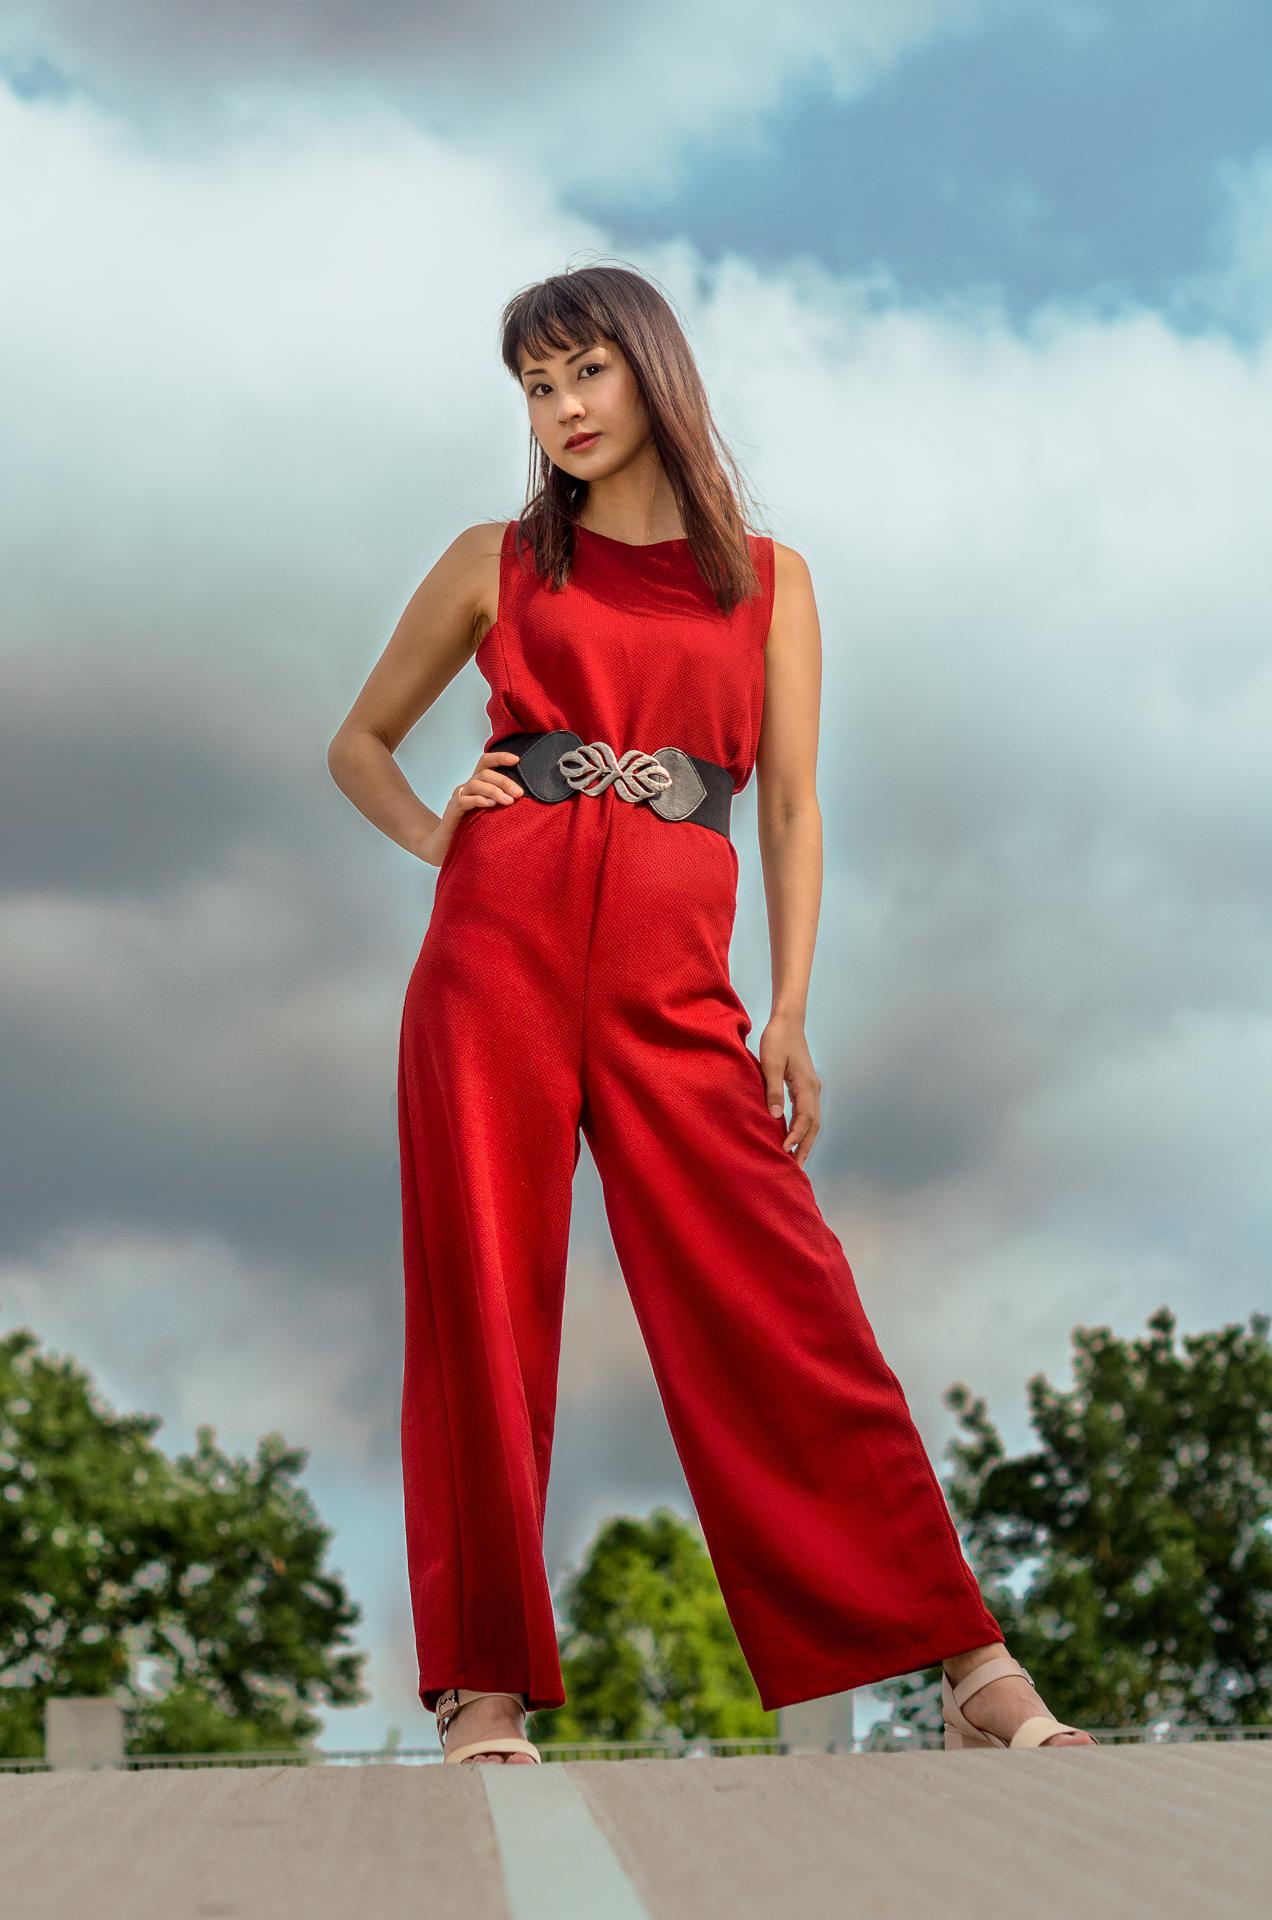 Fotomodel in Designer Mode auf der Strasse